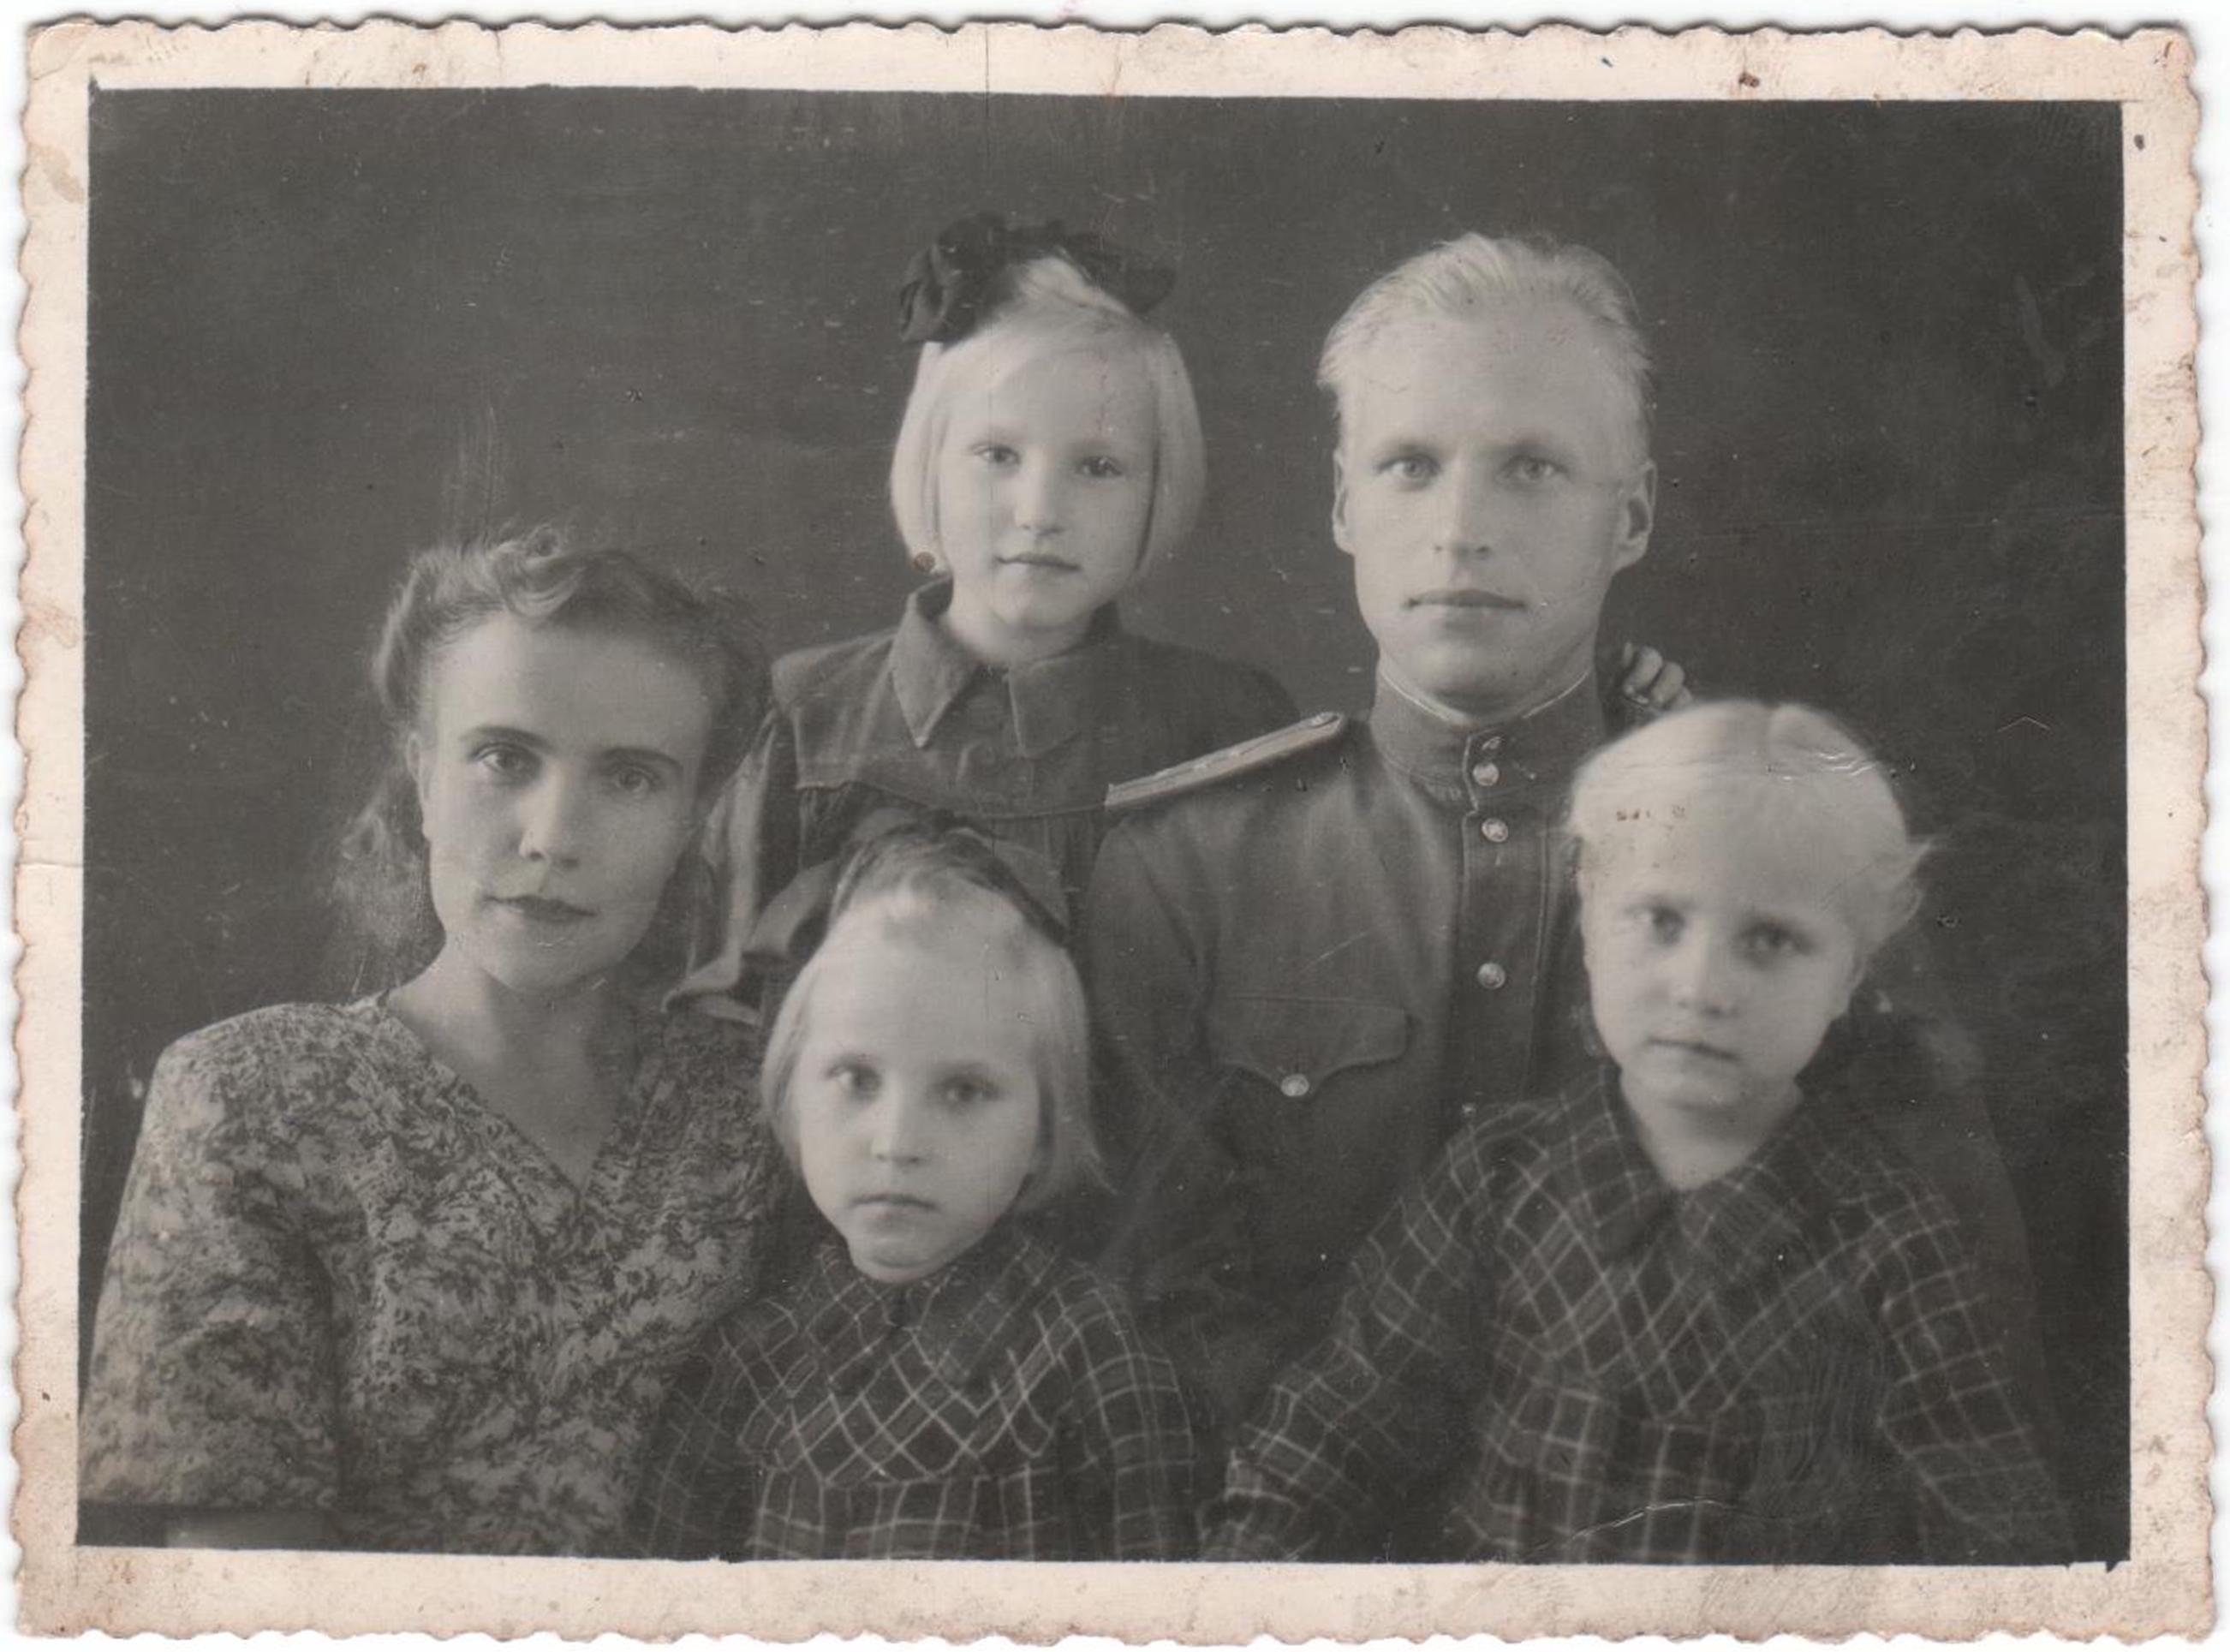 Сестра дала себя брату пока родители ушли 26 фотография